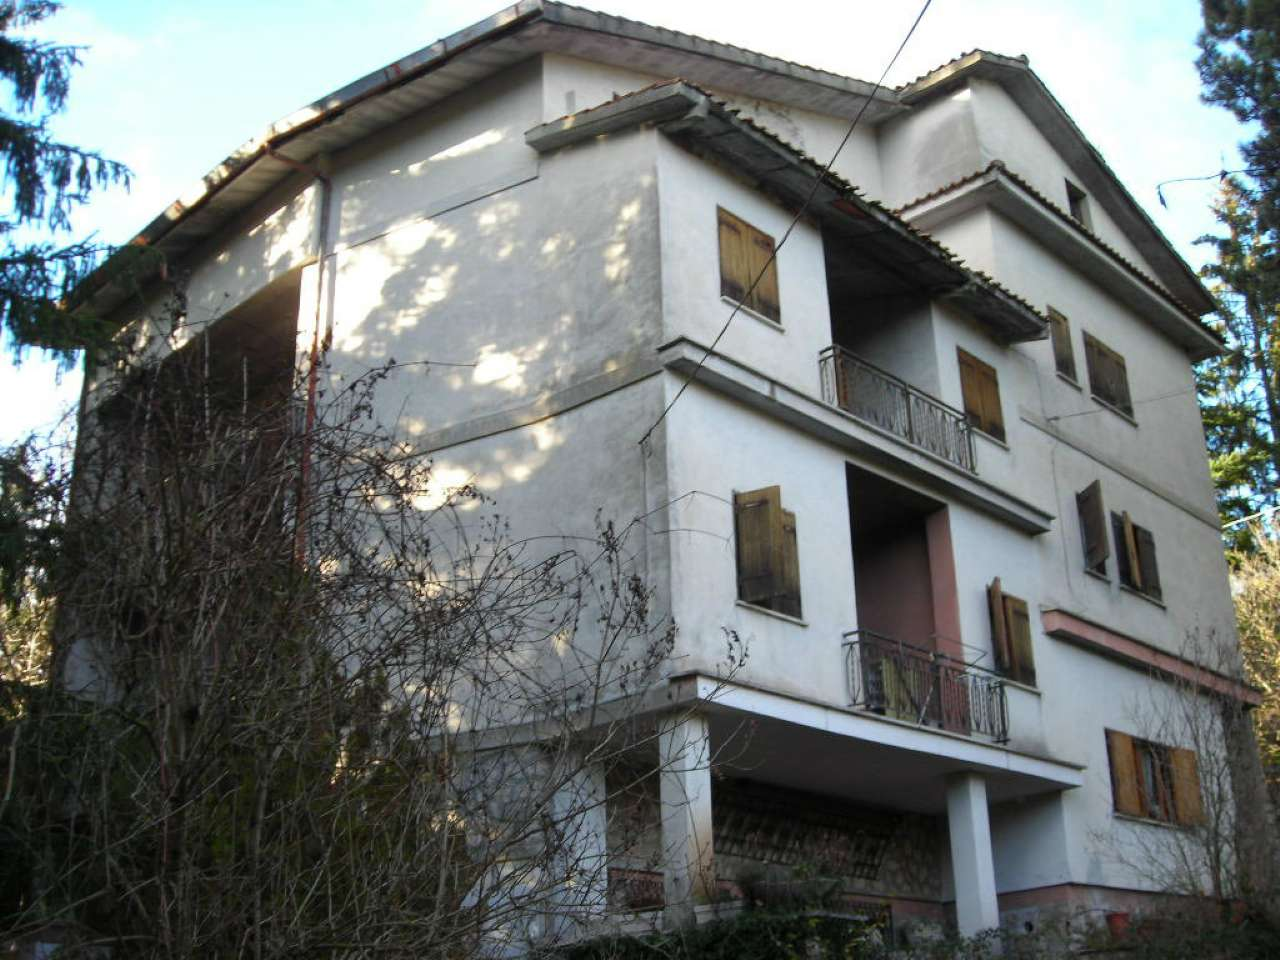 Appartamento in vendita a Trevi nel Lazio, 4 locali, prezzo € 32.500 | CambioCasa.it